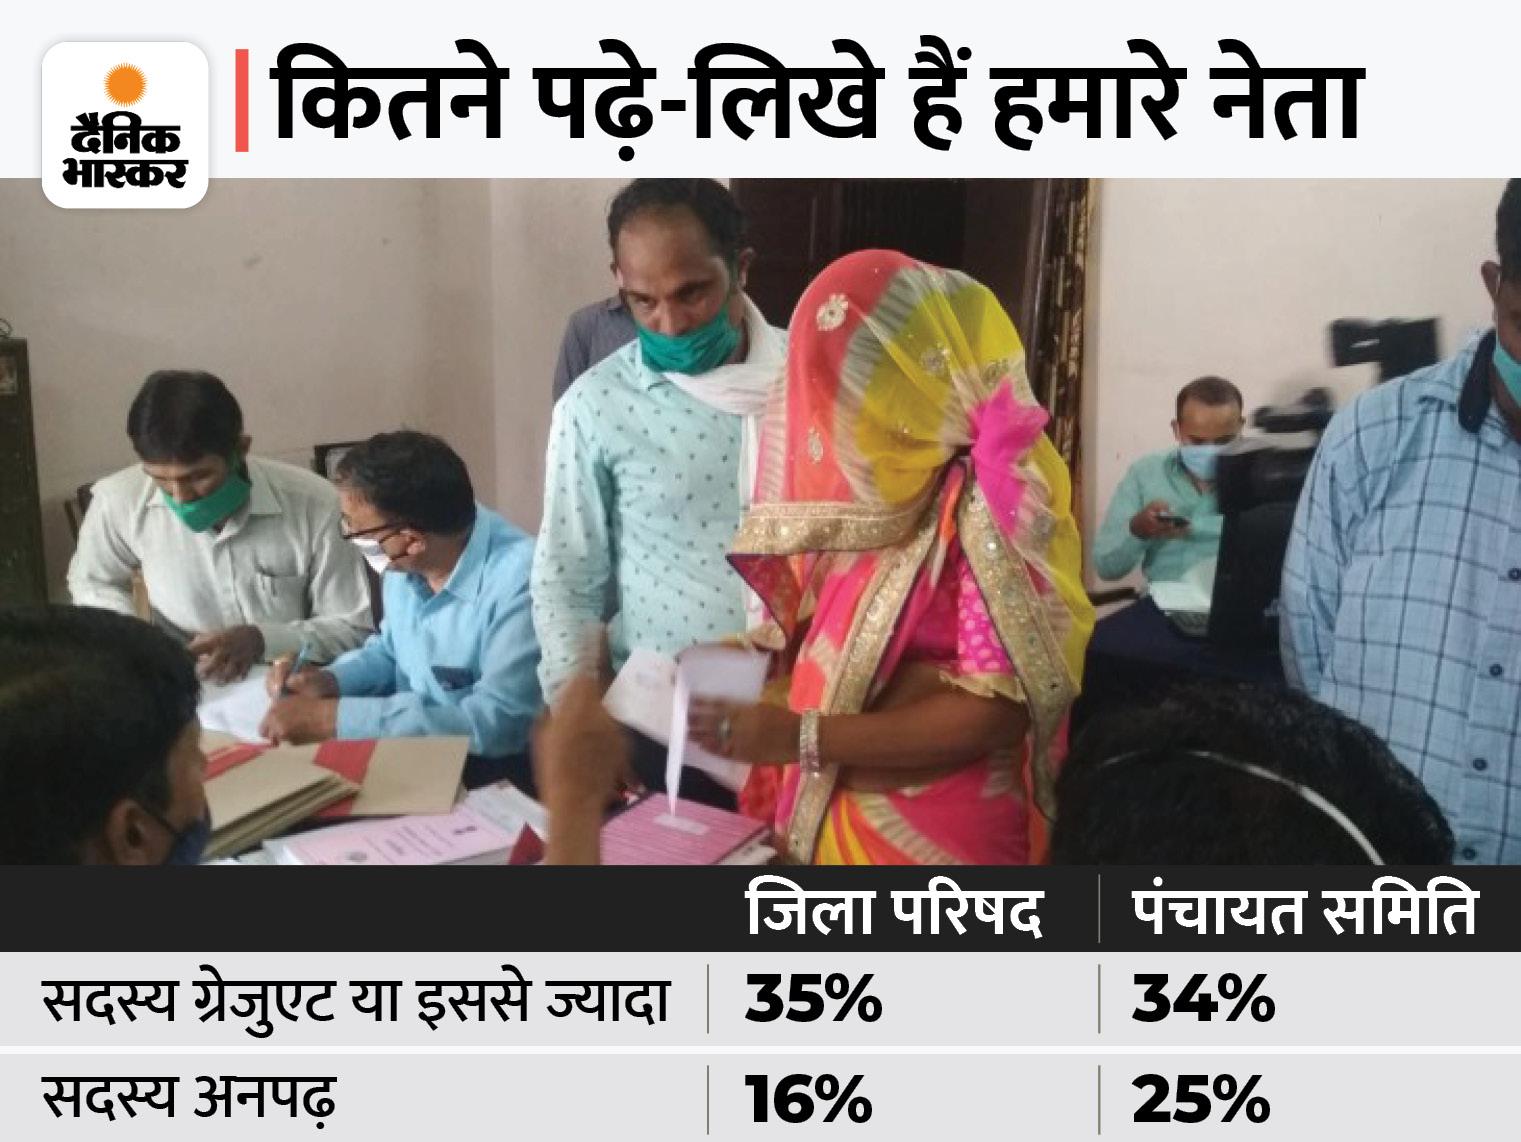 जयपुर पंचायत चुनाव के 445 सदस्यों में से 113 बस साइन करना जानते हैं, BA-MA के साथ इंजीनियर और MBA भी बने सदस्य|जयपुर,Jaipur - Dainik Bhaskar